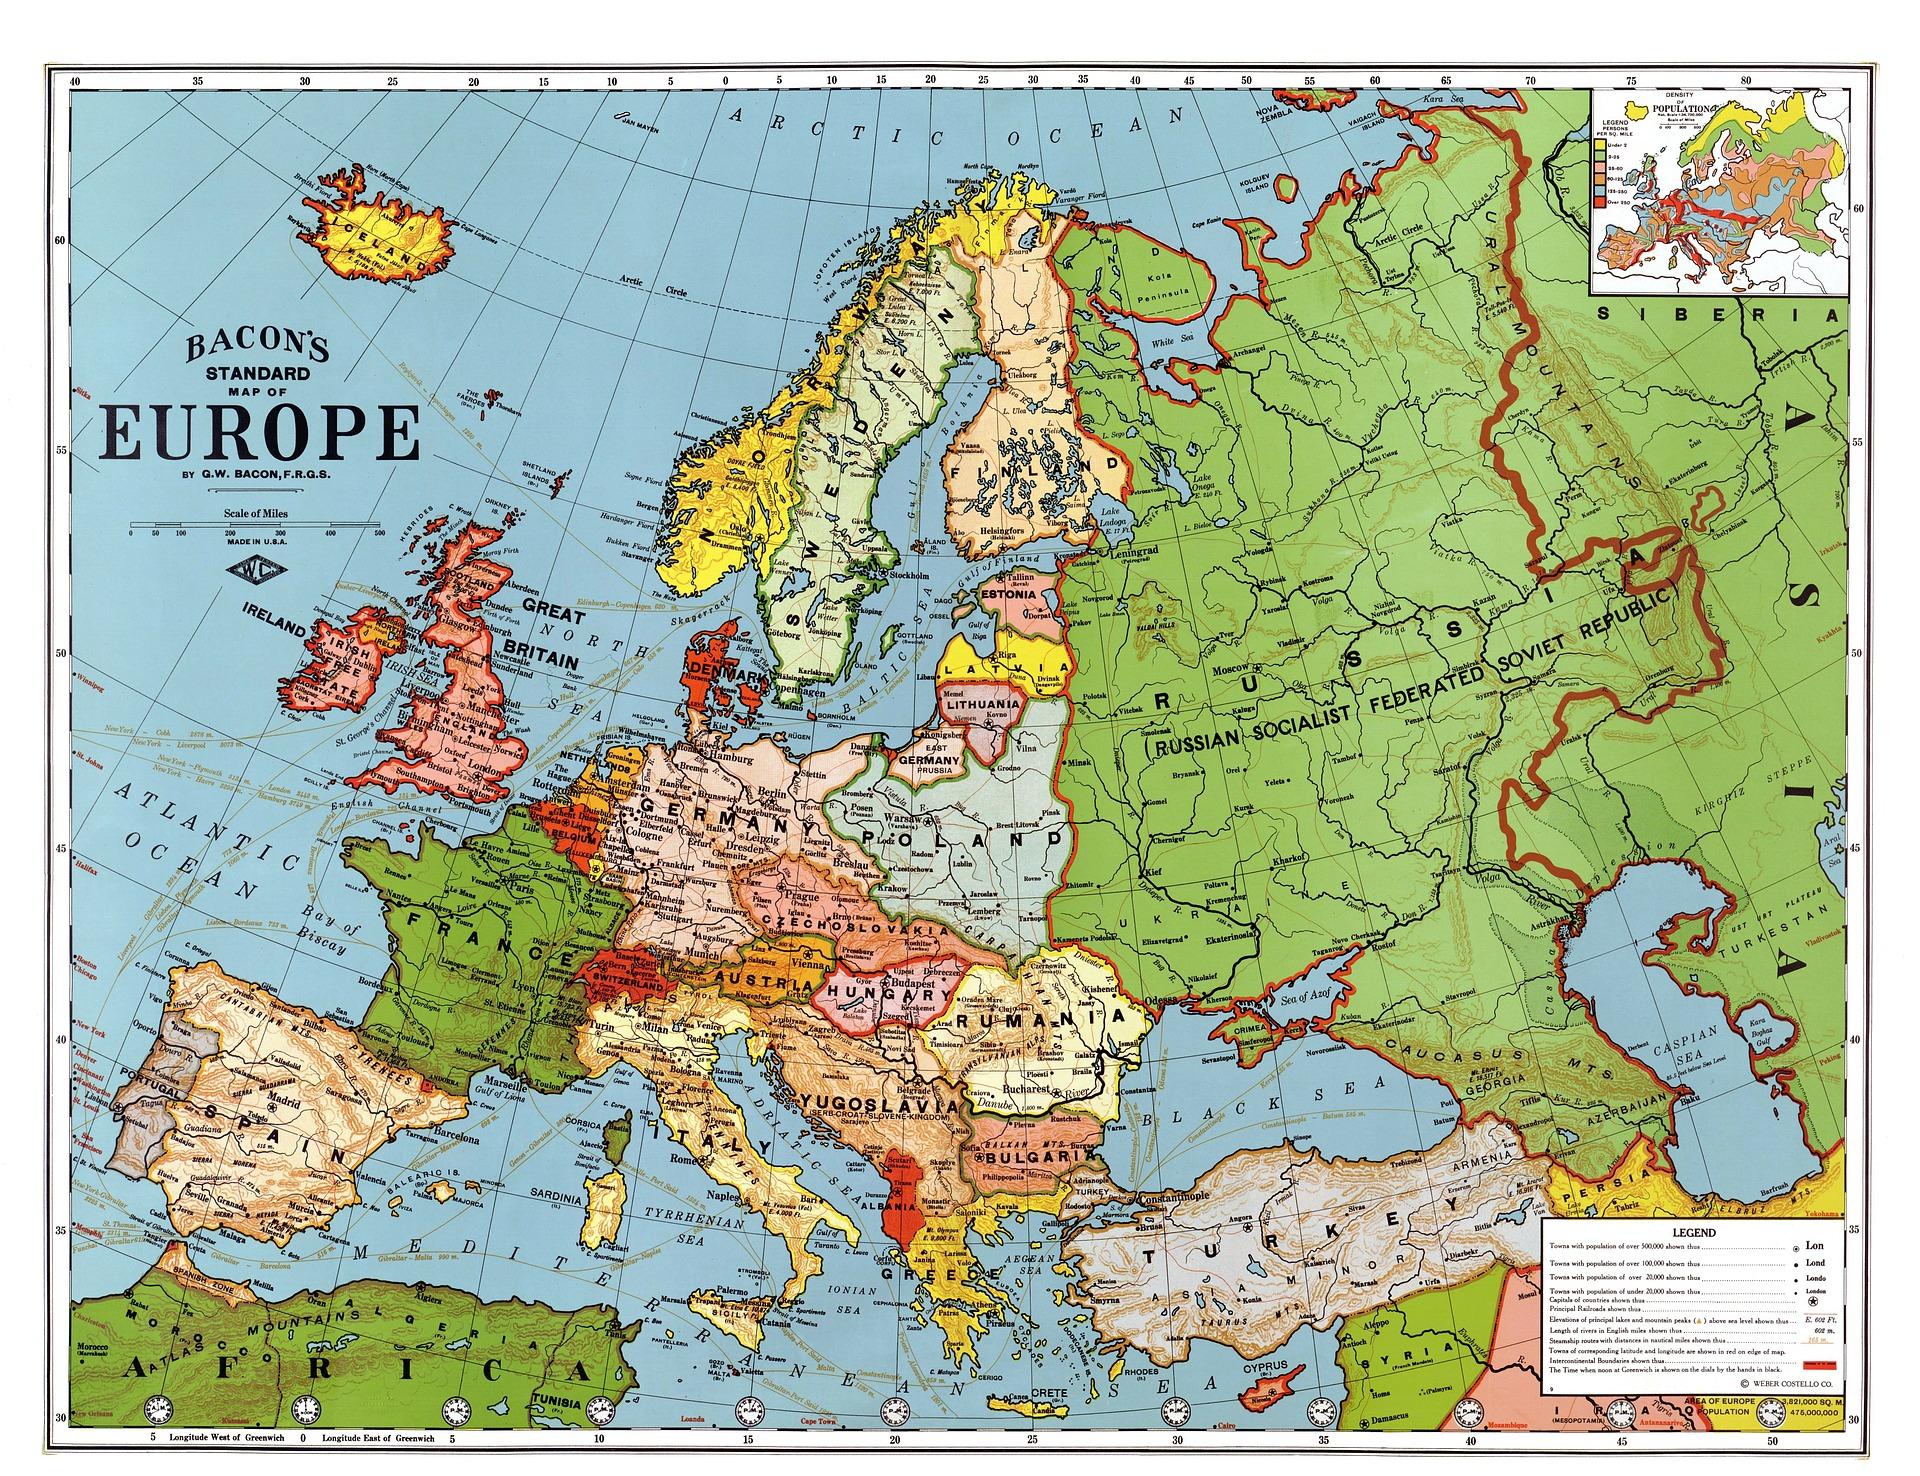 family city break ideas in Europe